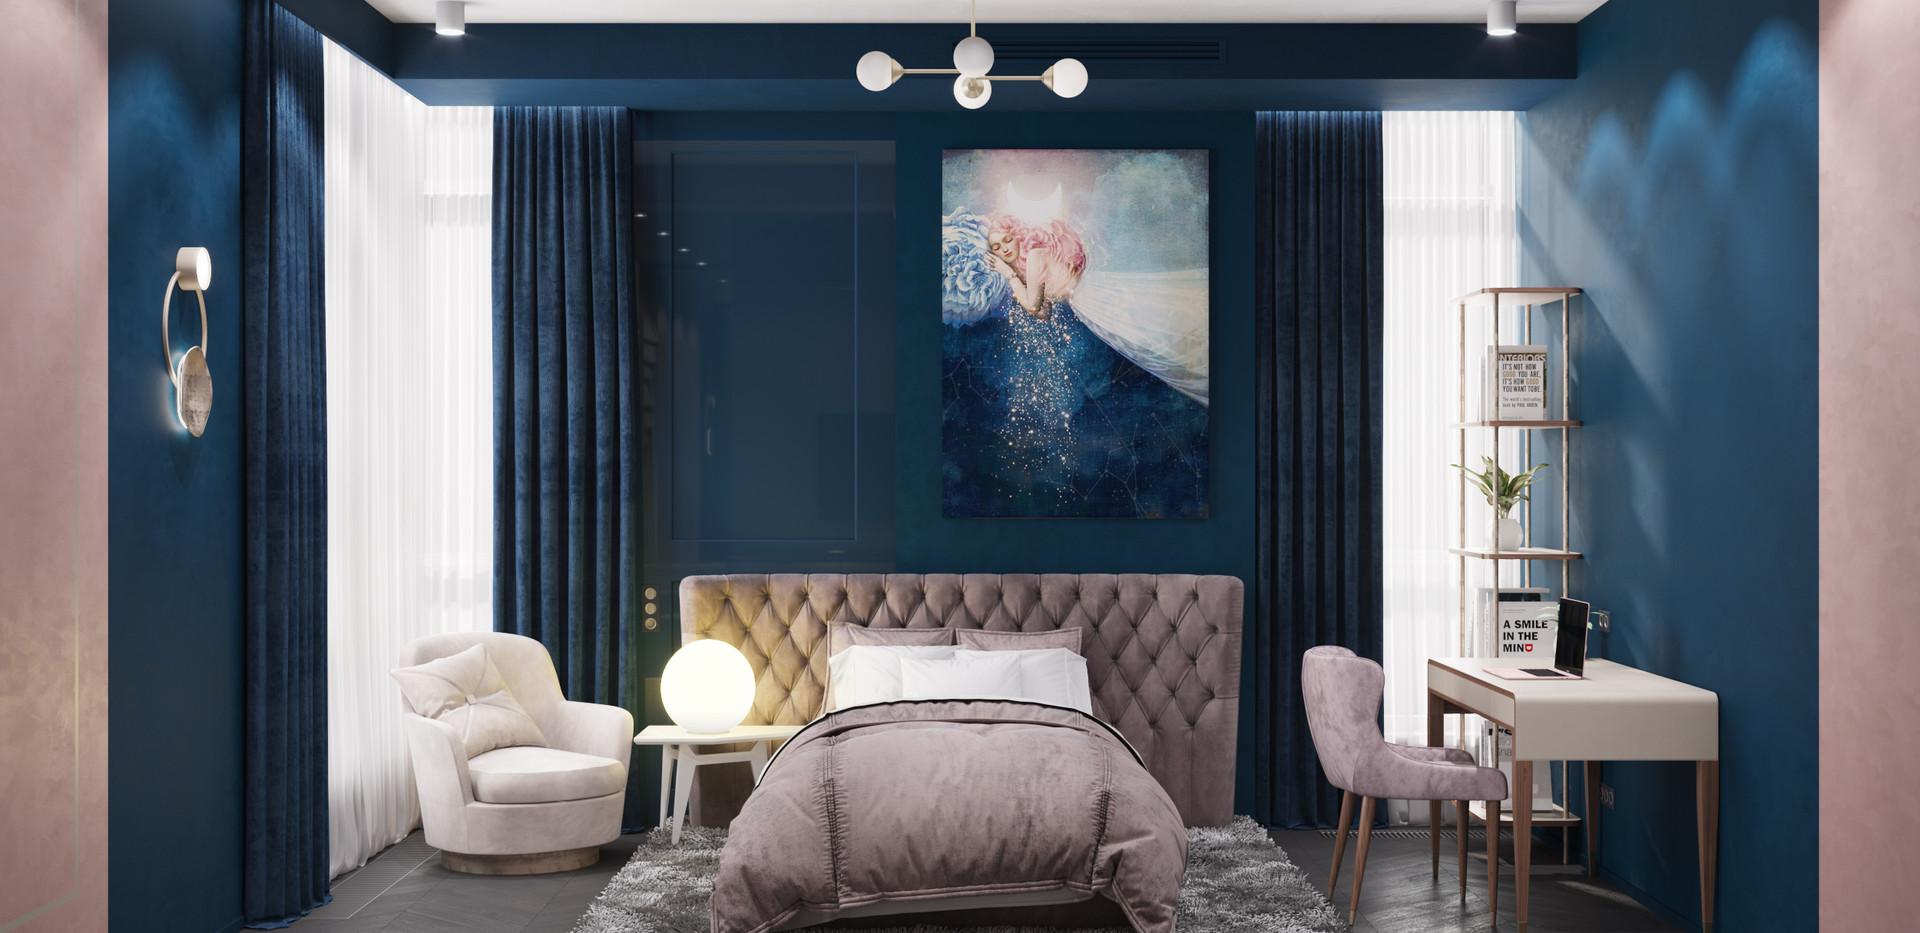 181.2019.001_Bedroom_girl14_Cam1 (4).jpg